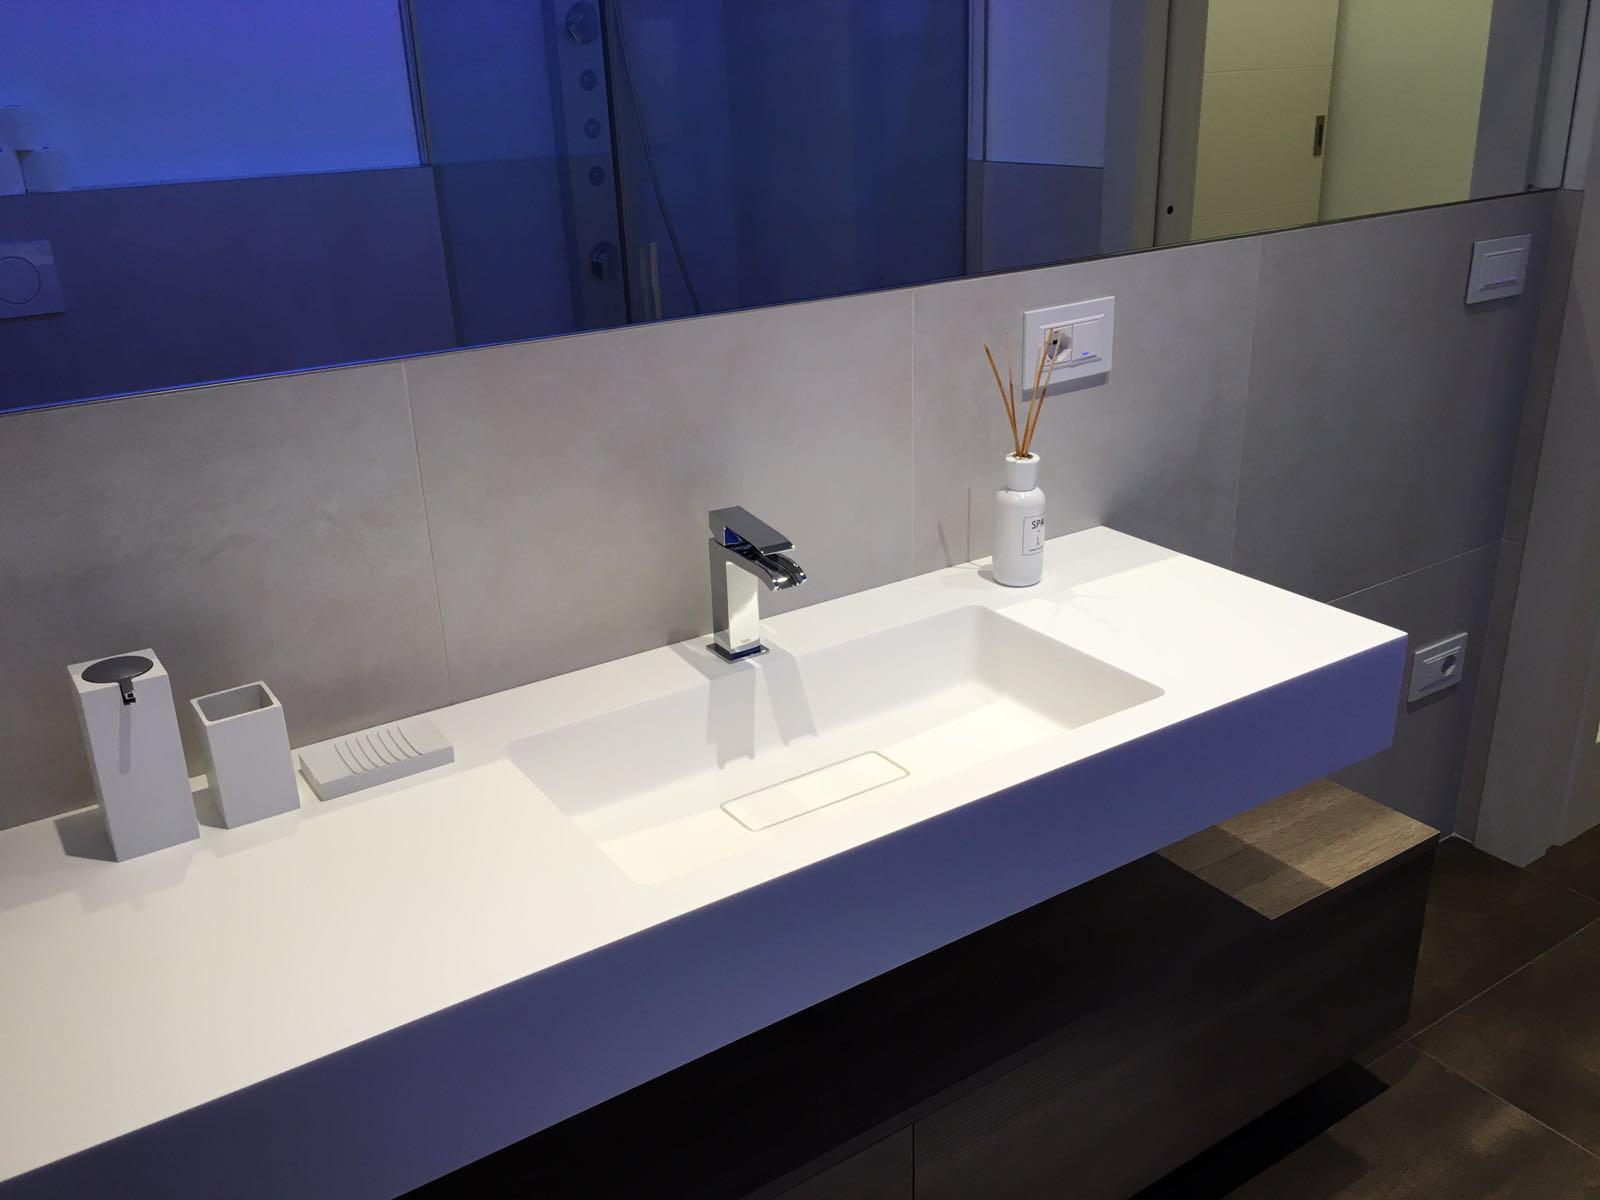 Mobile Sotto Mensola Bagno mobile bagno con mensola in betacryl - arredamenti barin